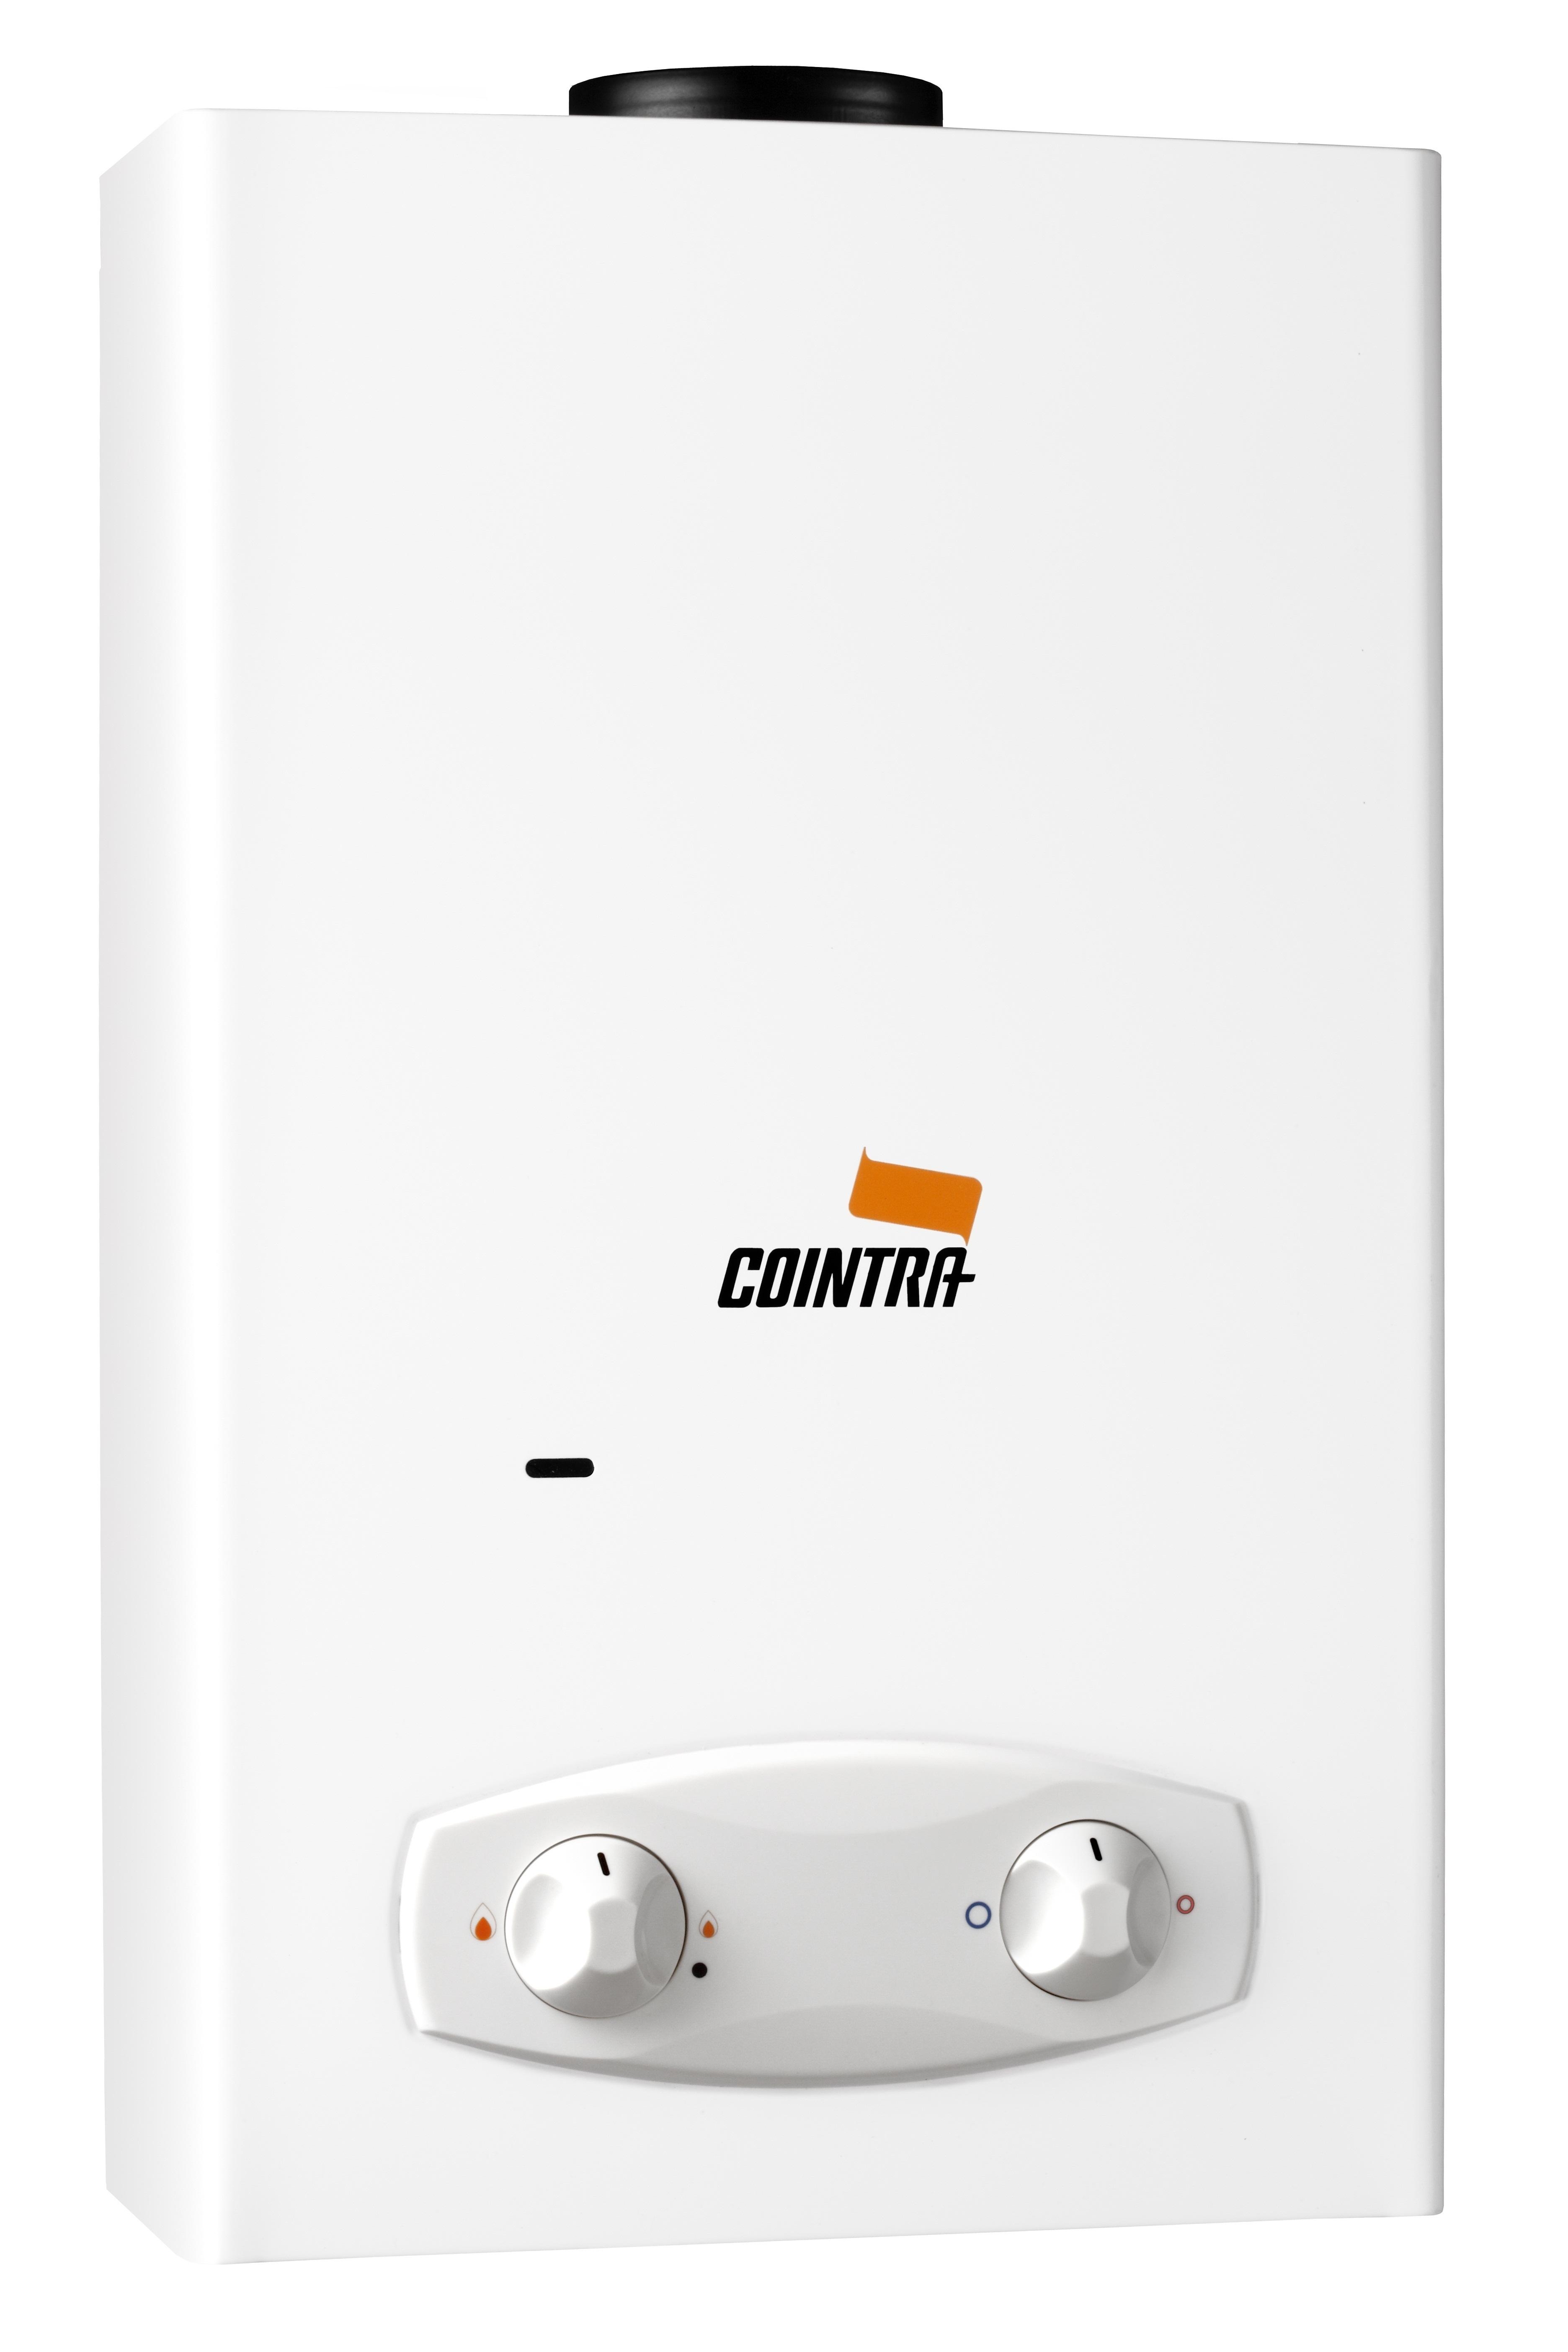 Calentadores de radiadores s calentamiento